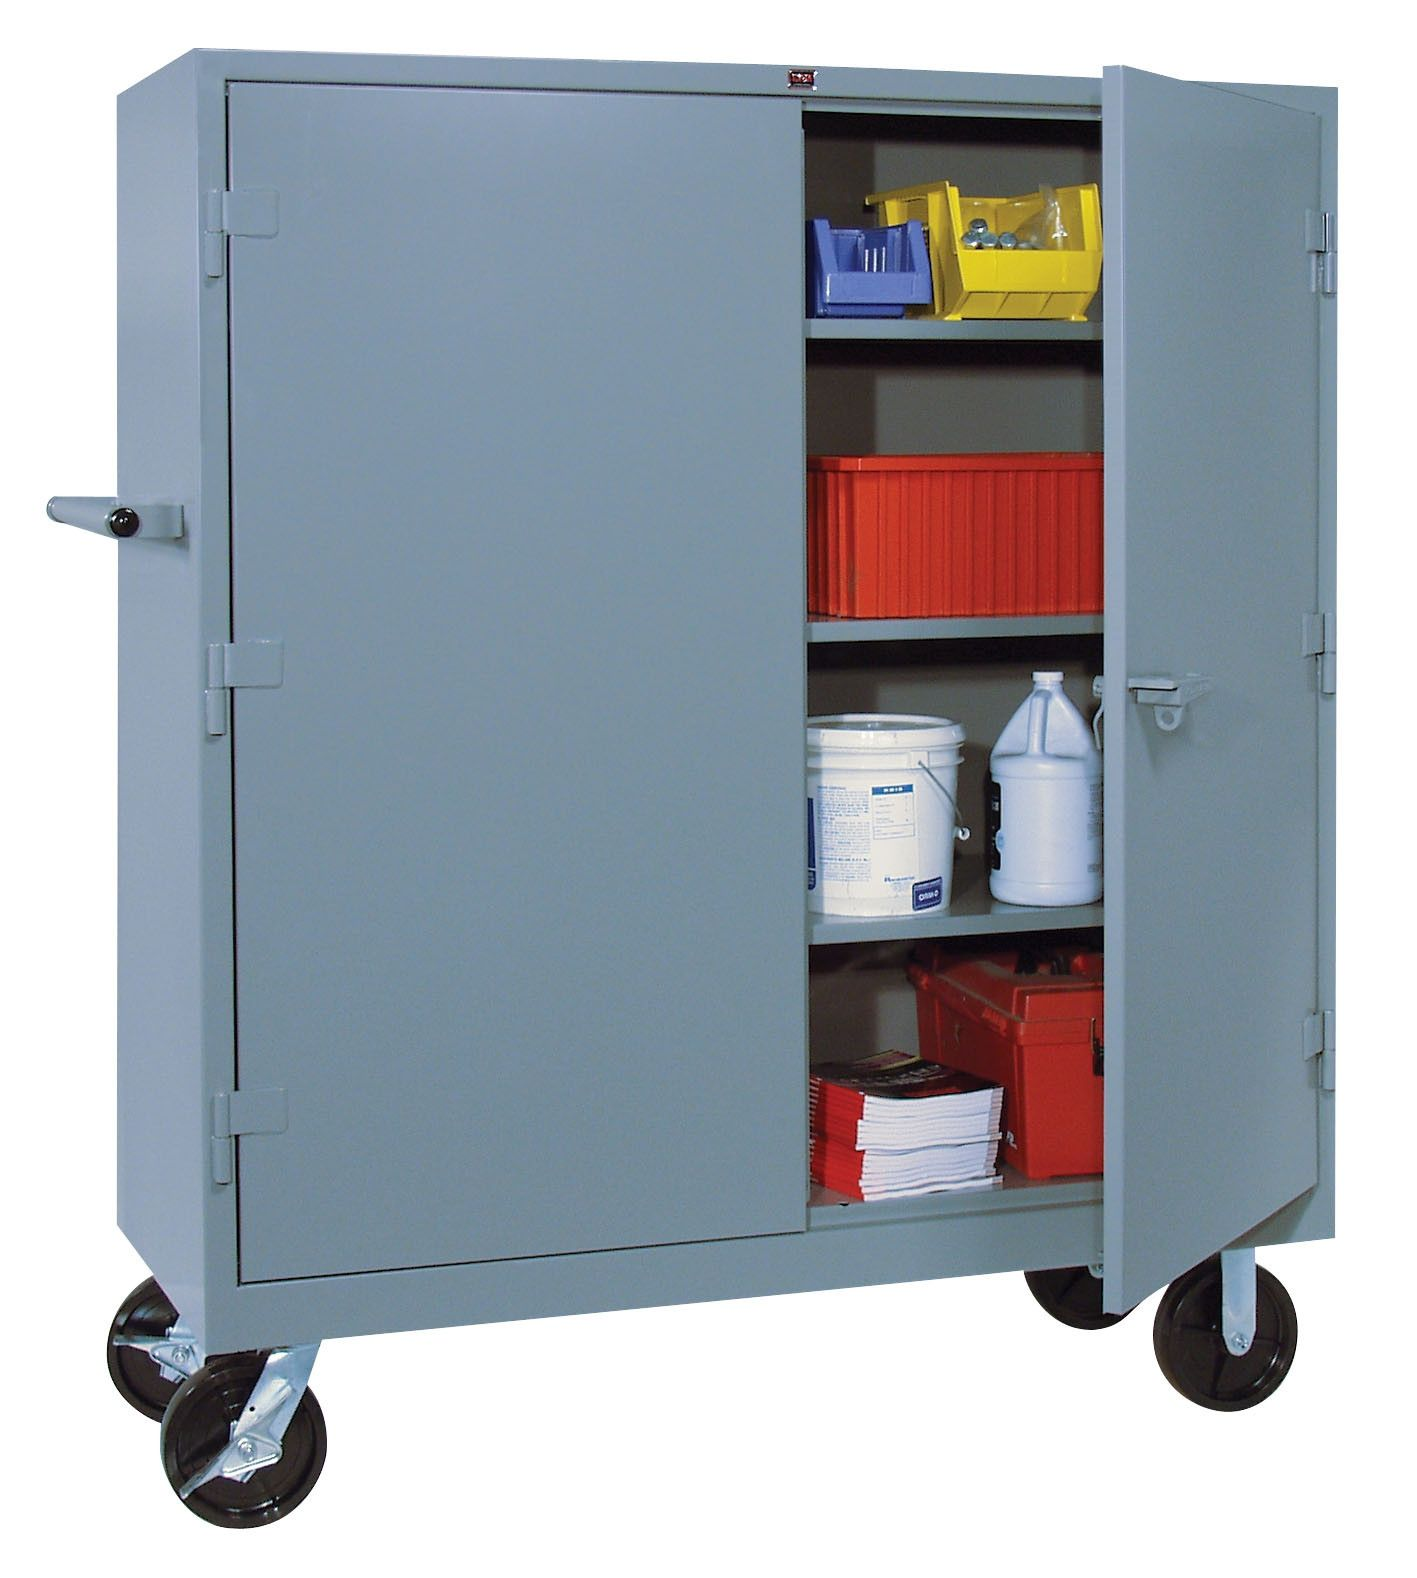 77 Locking Storage Cabinet On Wheels Kitchen Cabinets Update Ideas A Budget Check